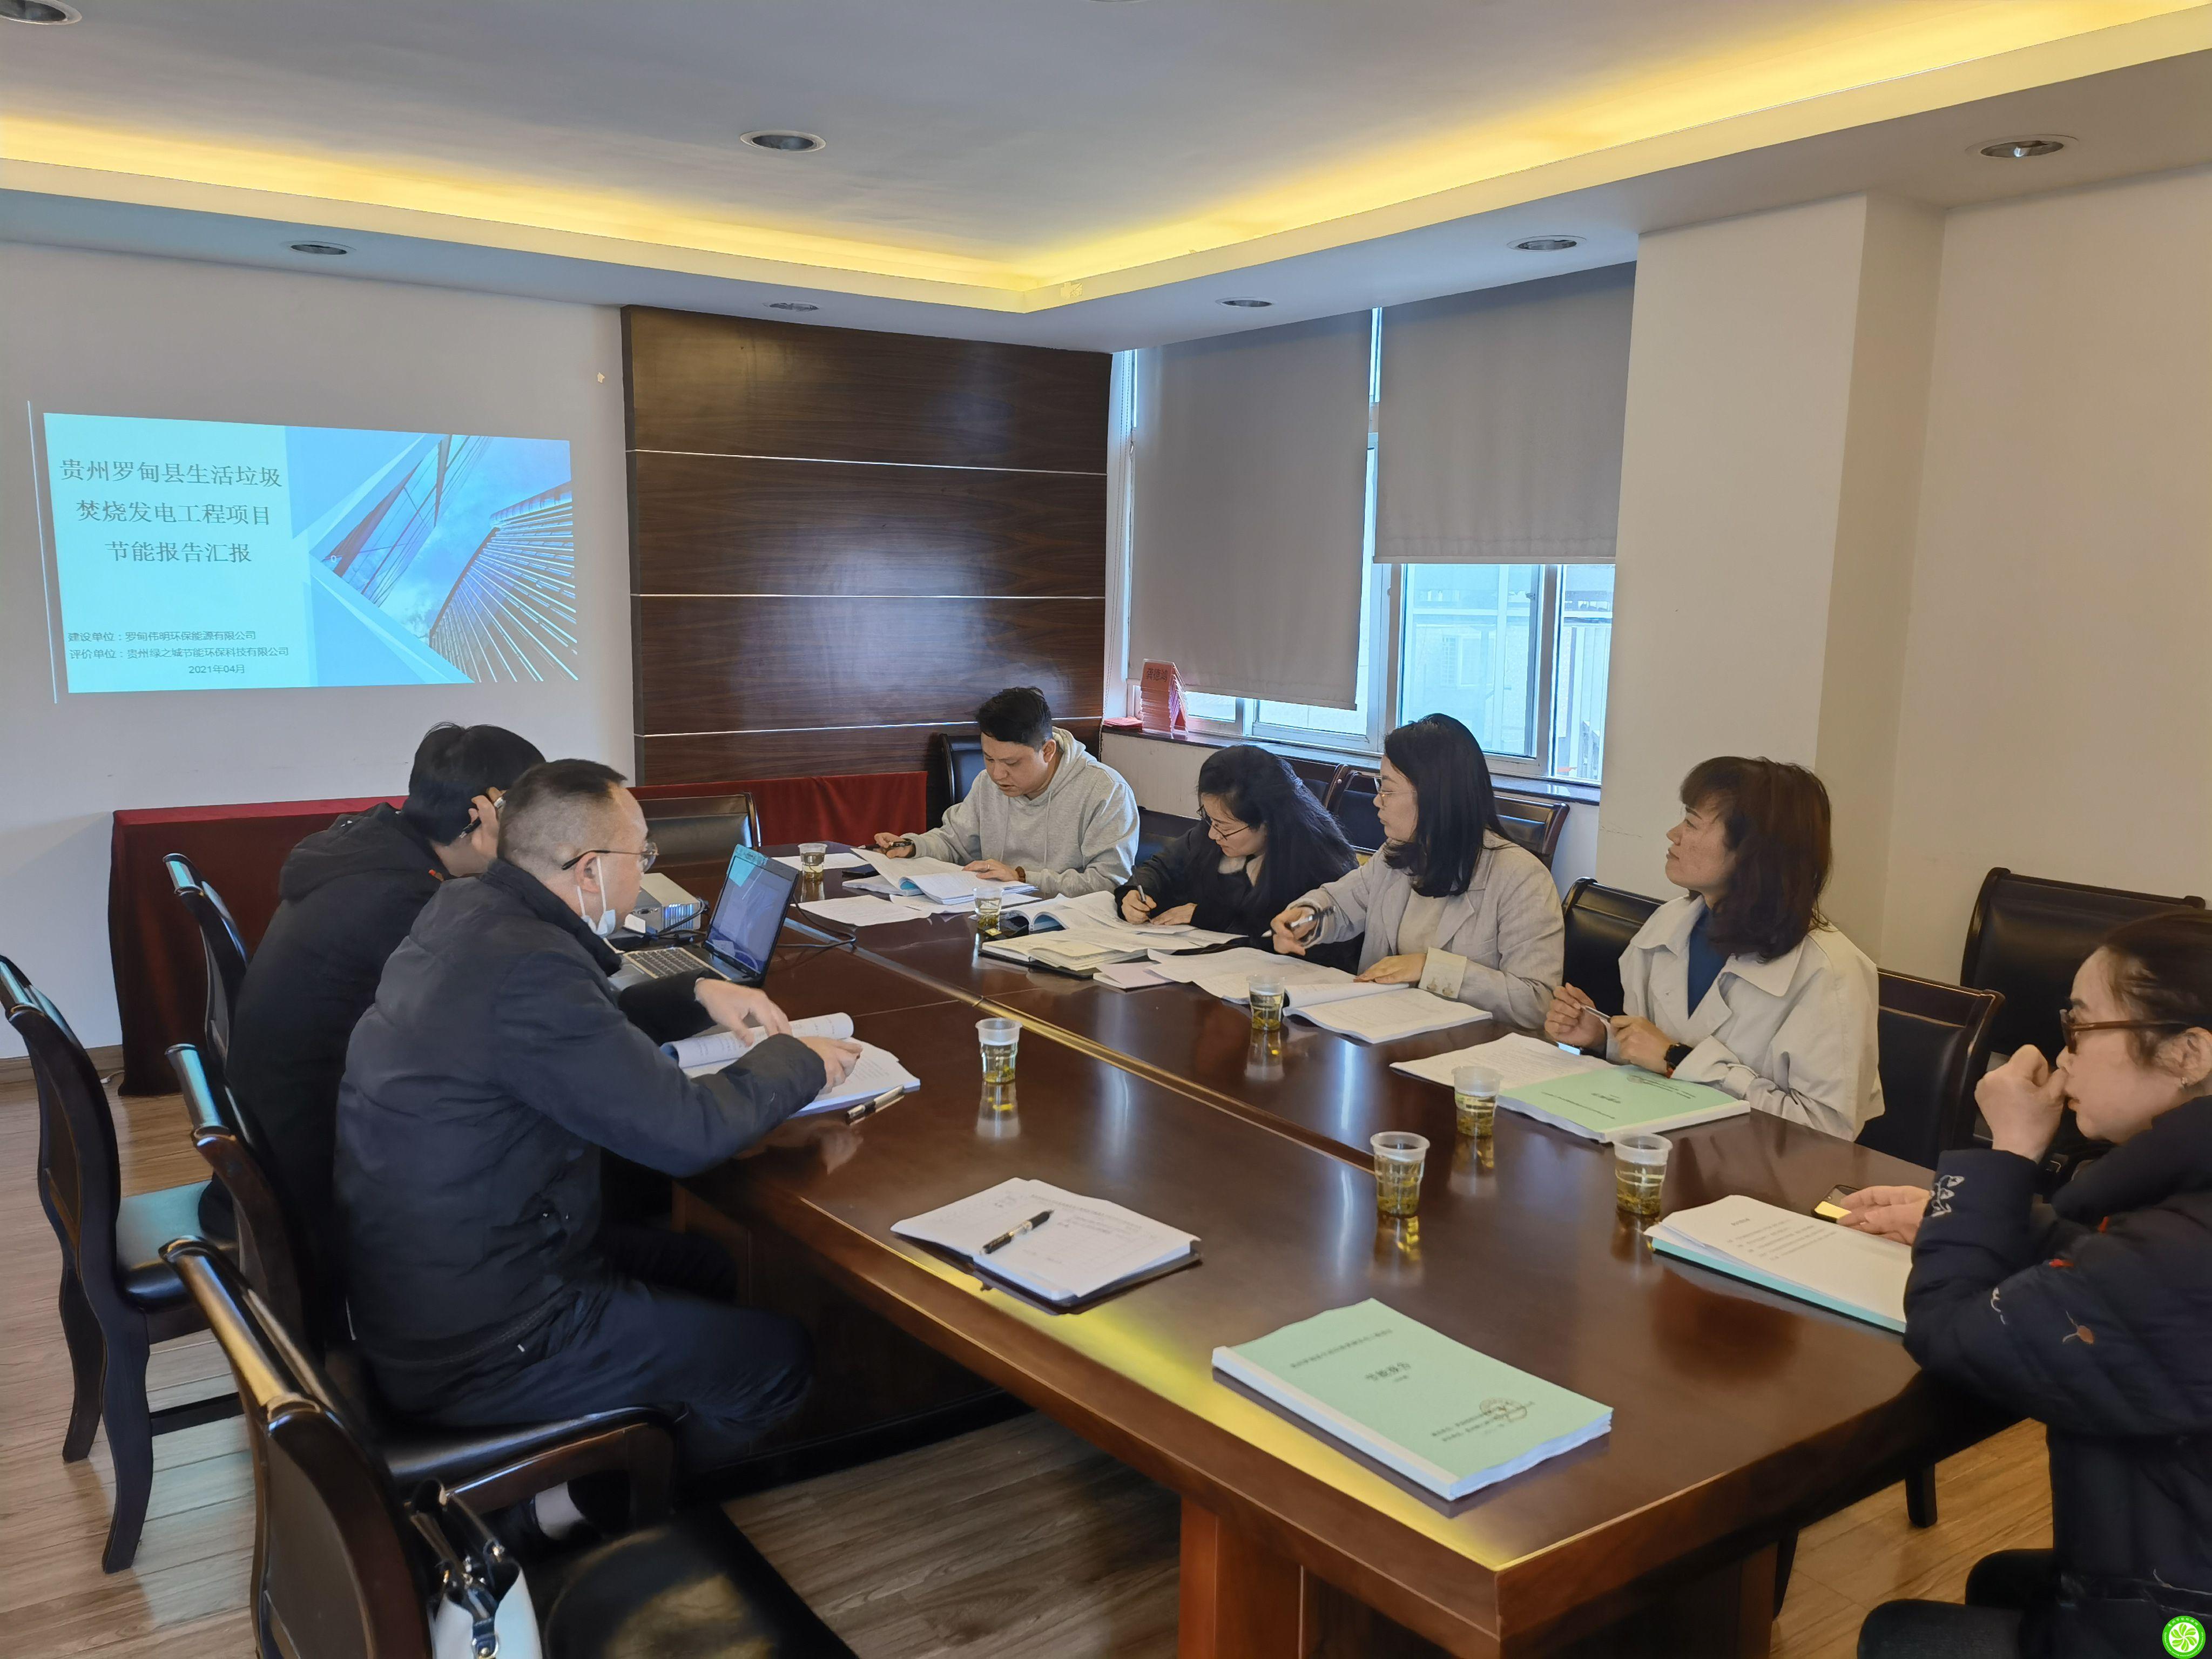 我司编制的《贵州罗甸县生活垃圾焚烧发电工程项目节能报告》通过专家评审